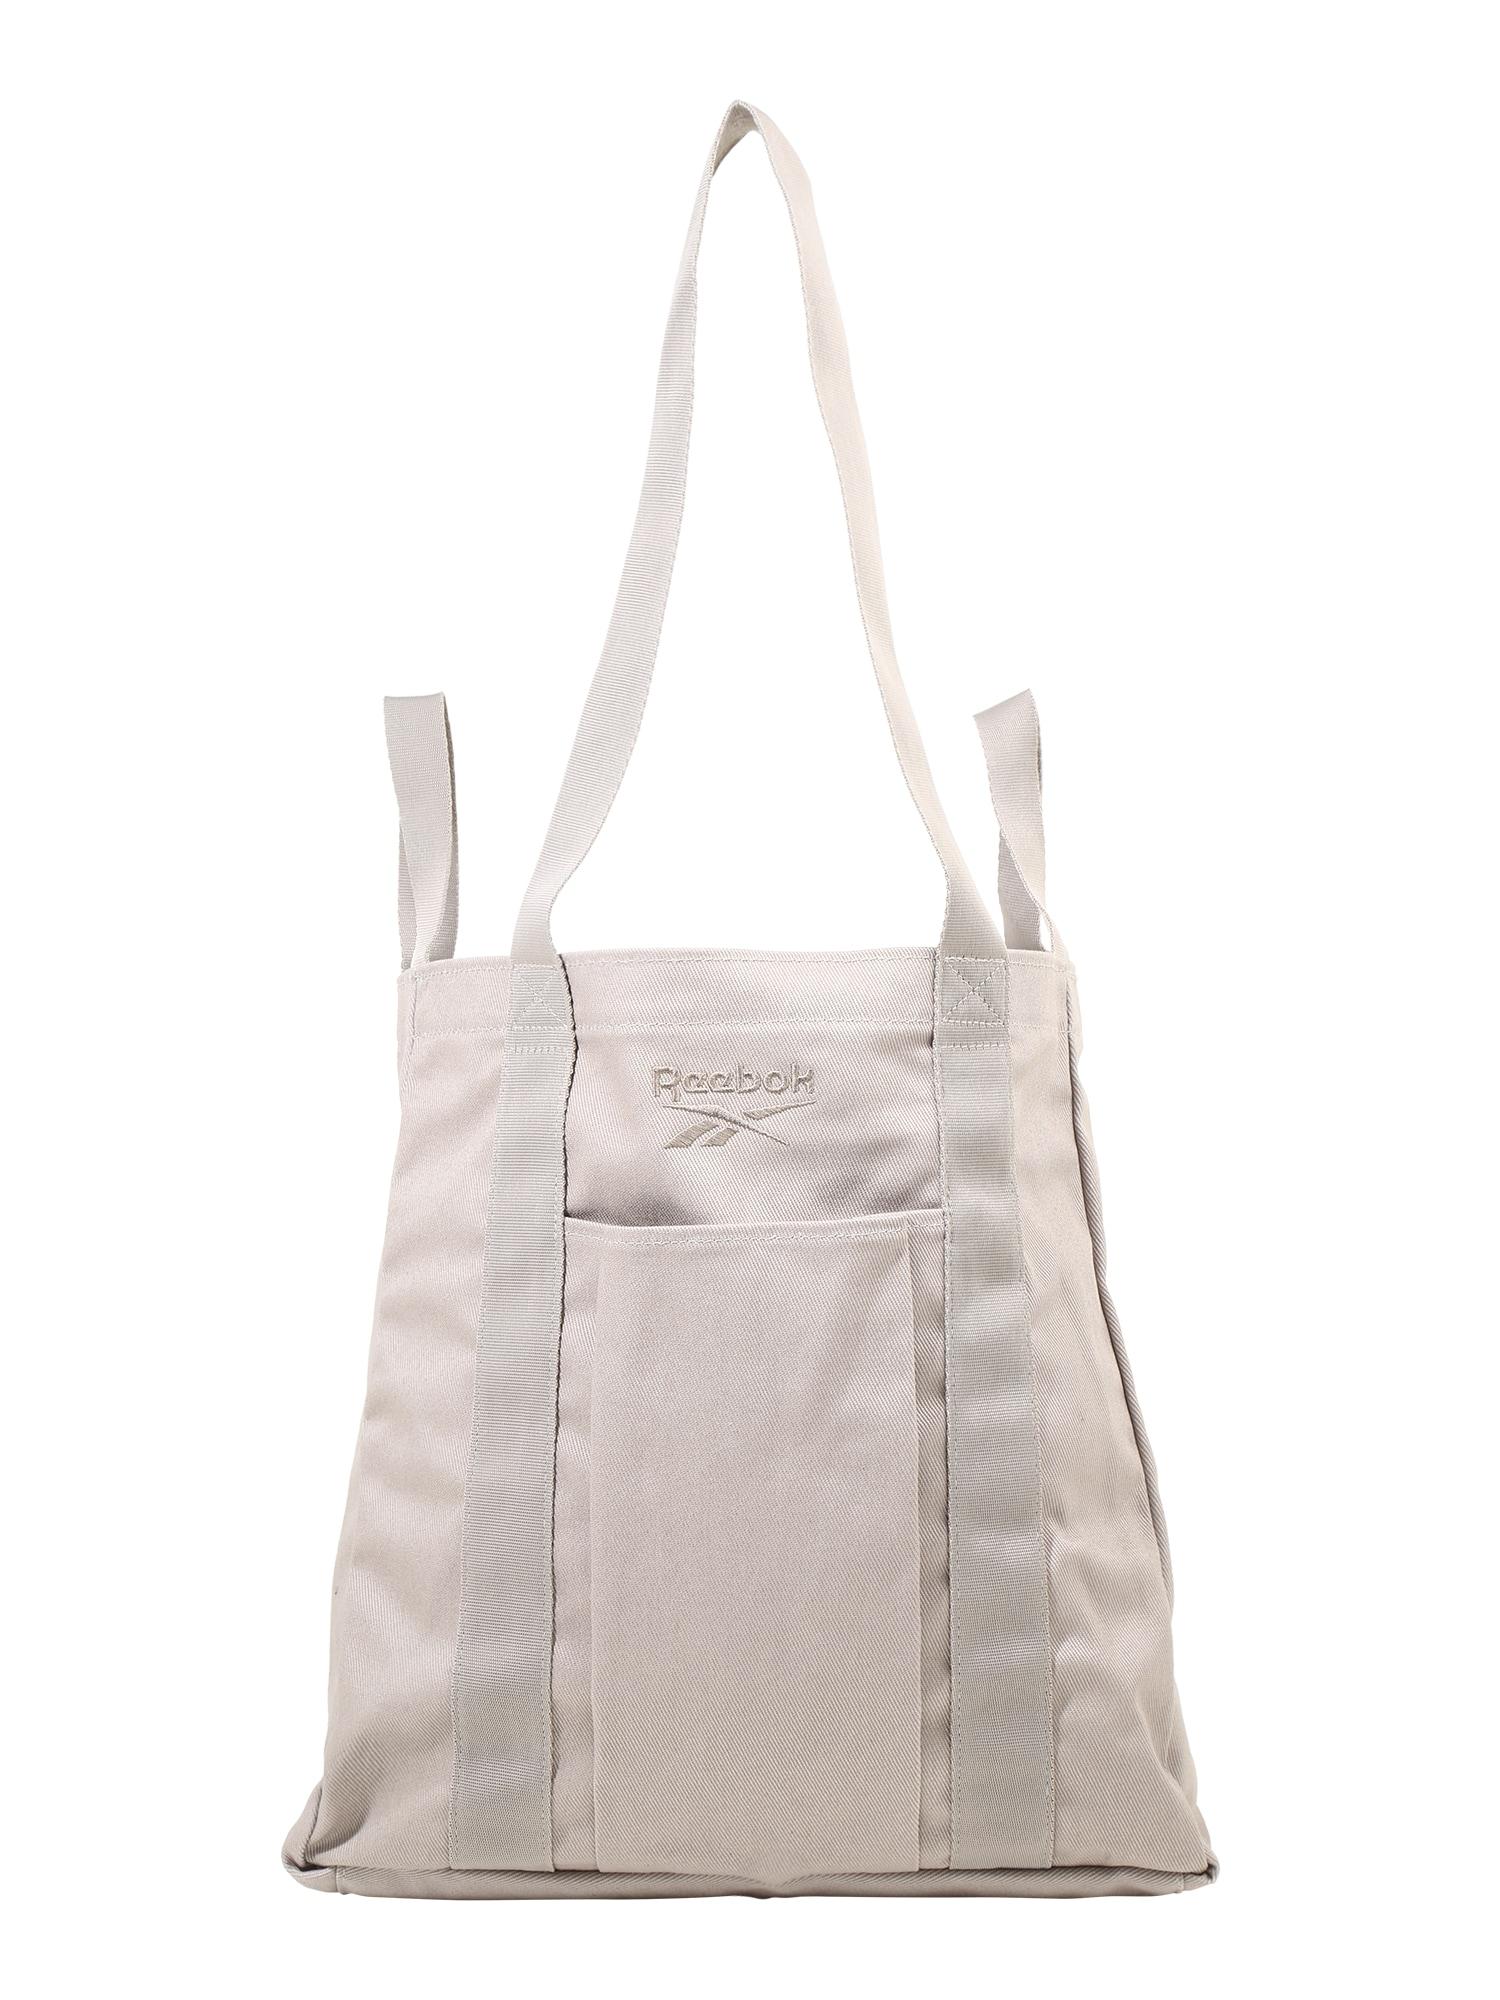 Reebok Classic Pirkinių krepšys